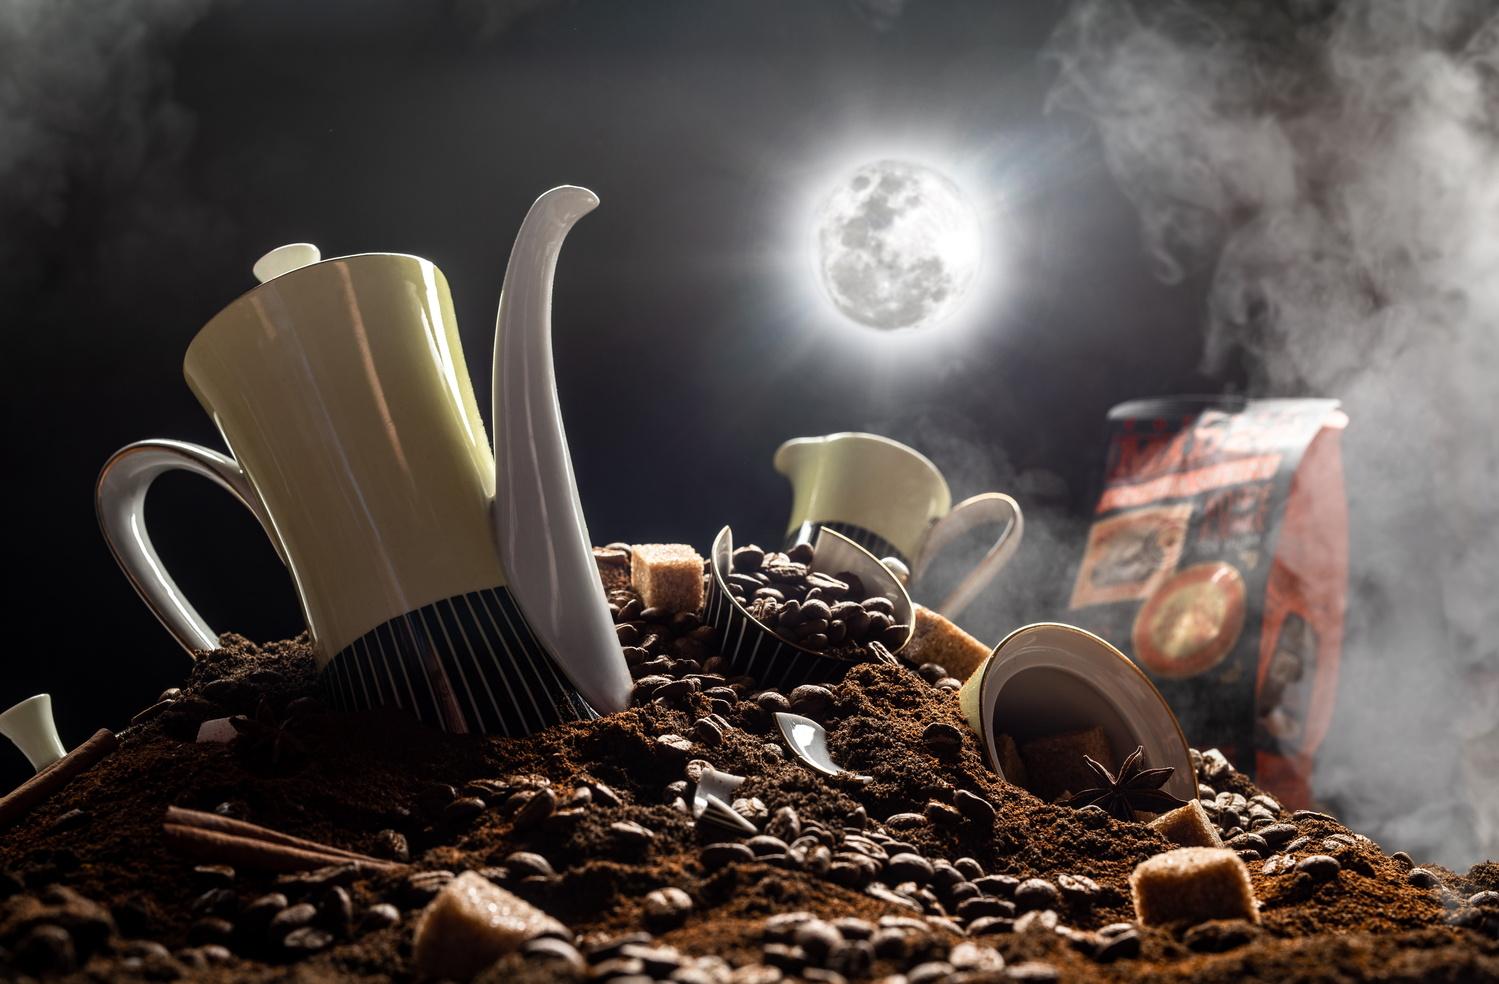 Coffee stuff by Vladimir Chernyadyev